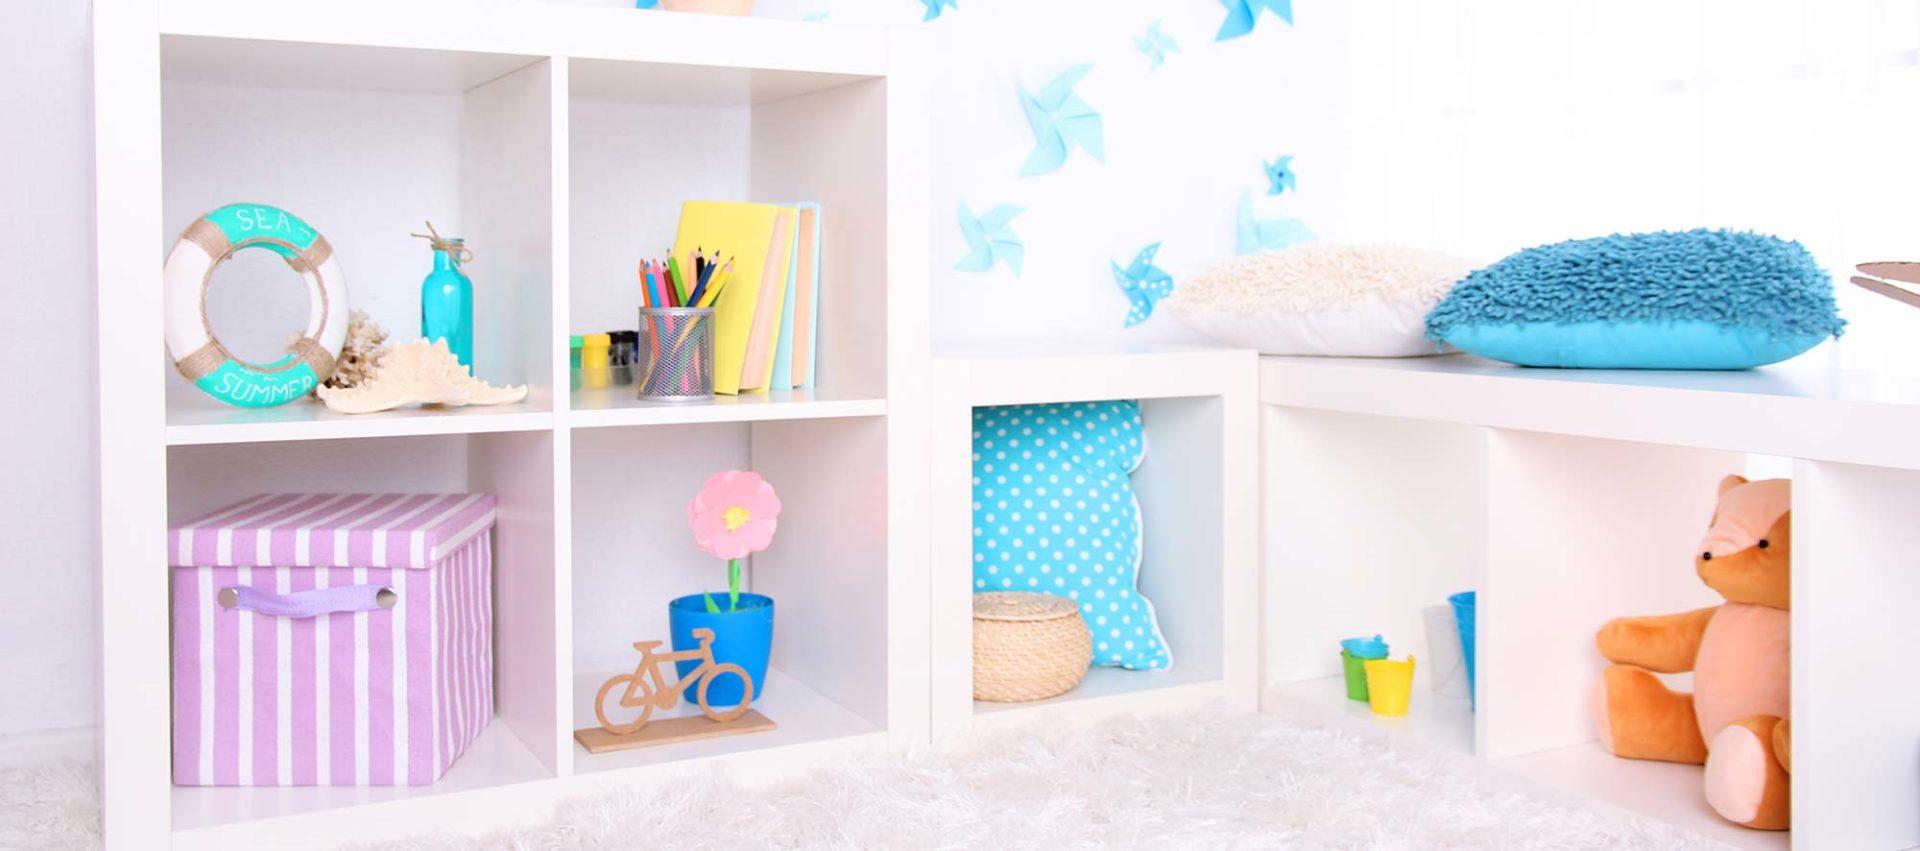 kleine zimmerrenovierung design stauraum kinderzimmer, stauraum im kinderzimmer - zuhause bei sam®, Innenarchitektur